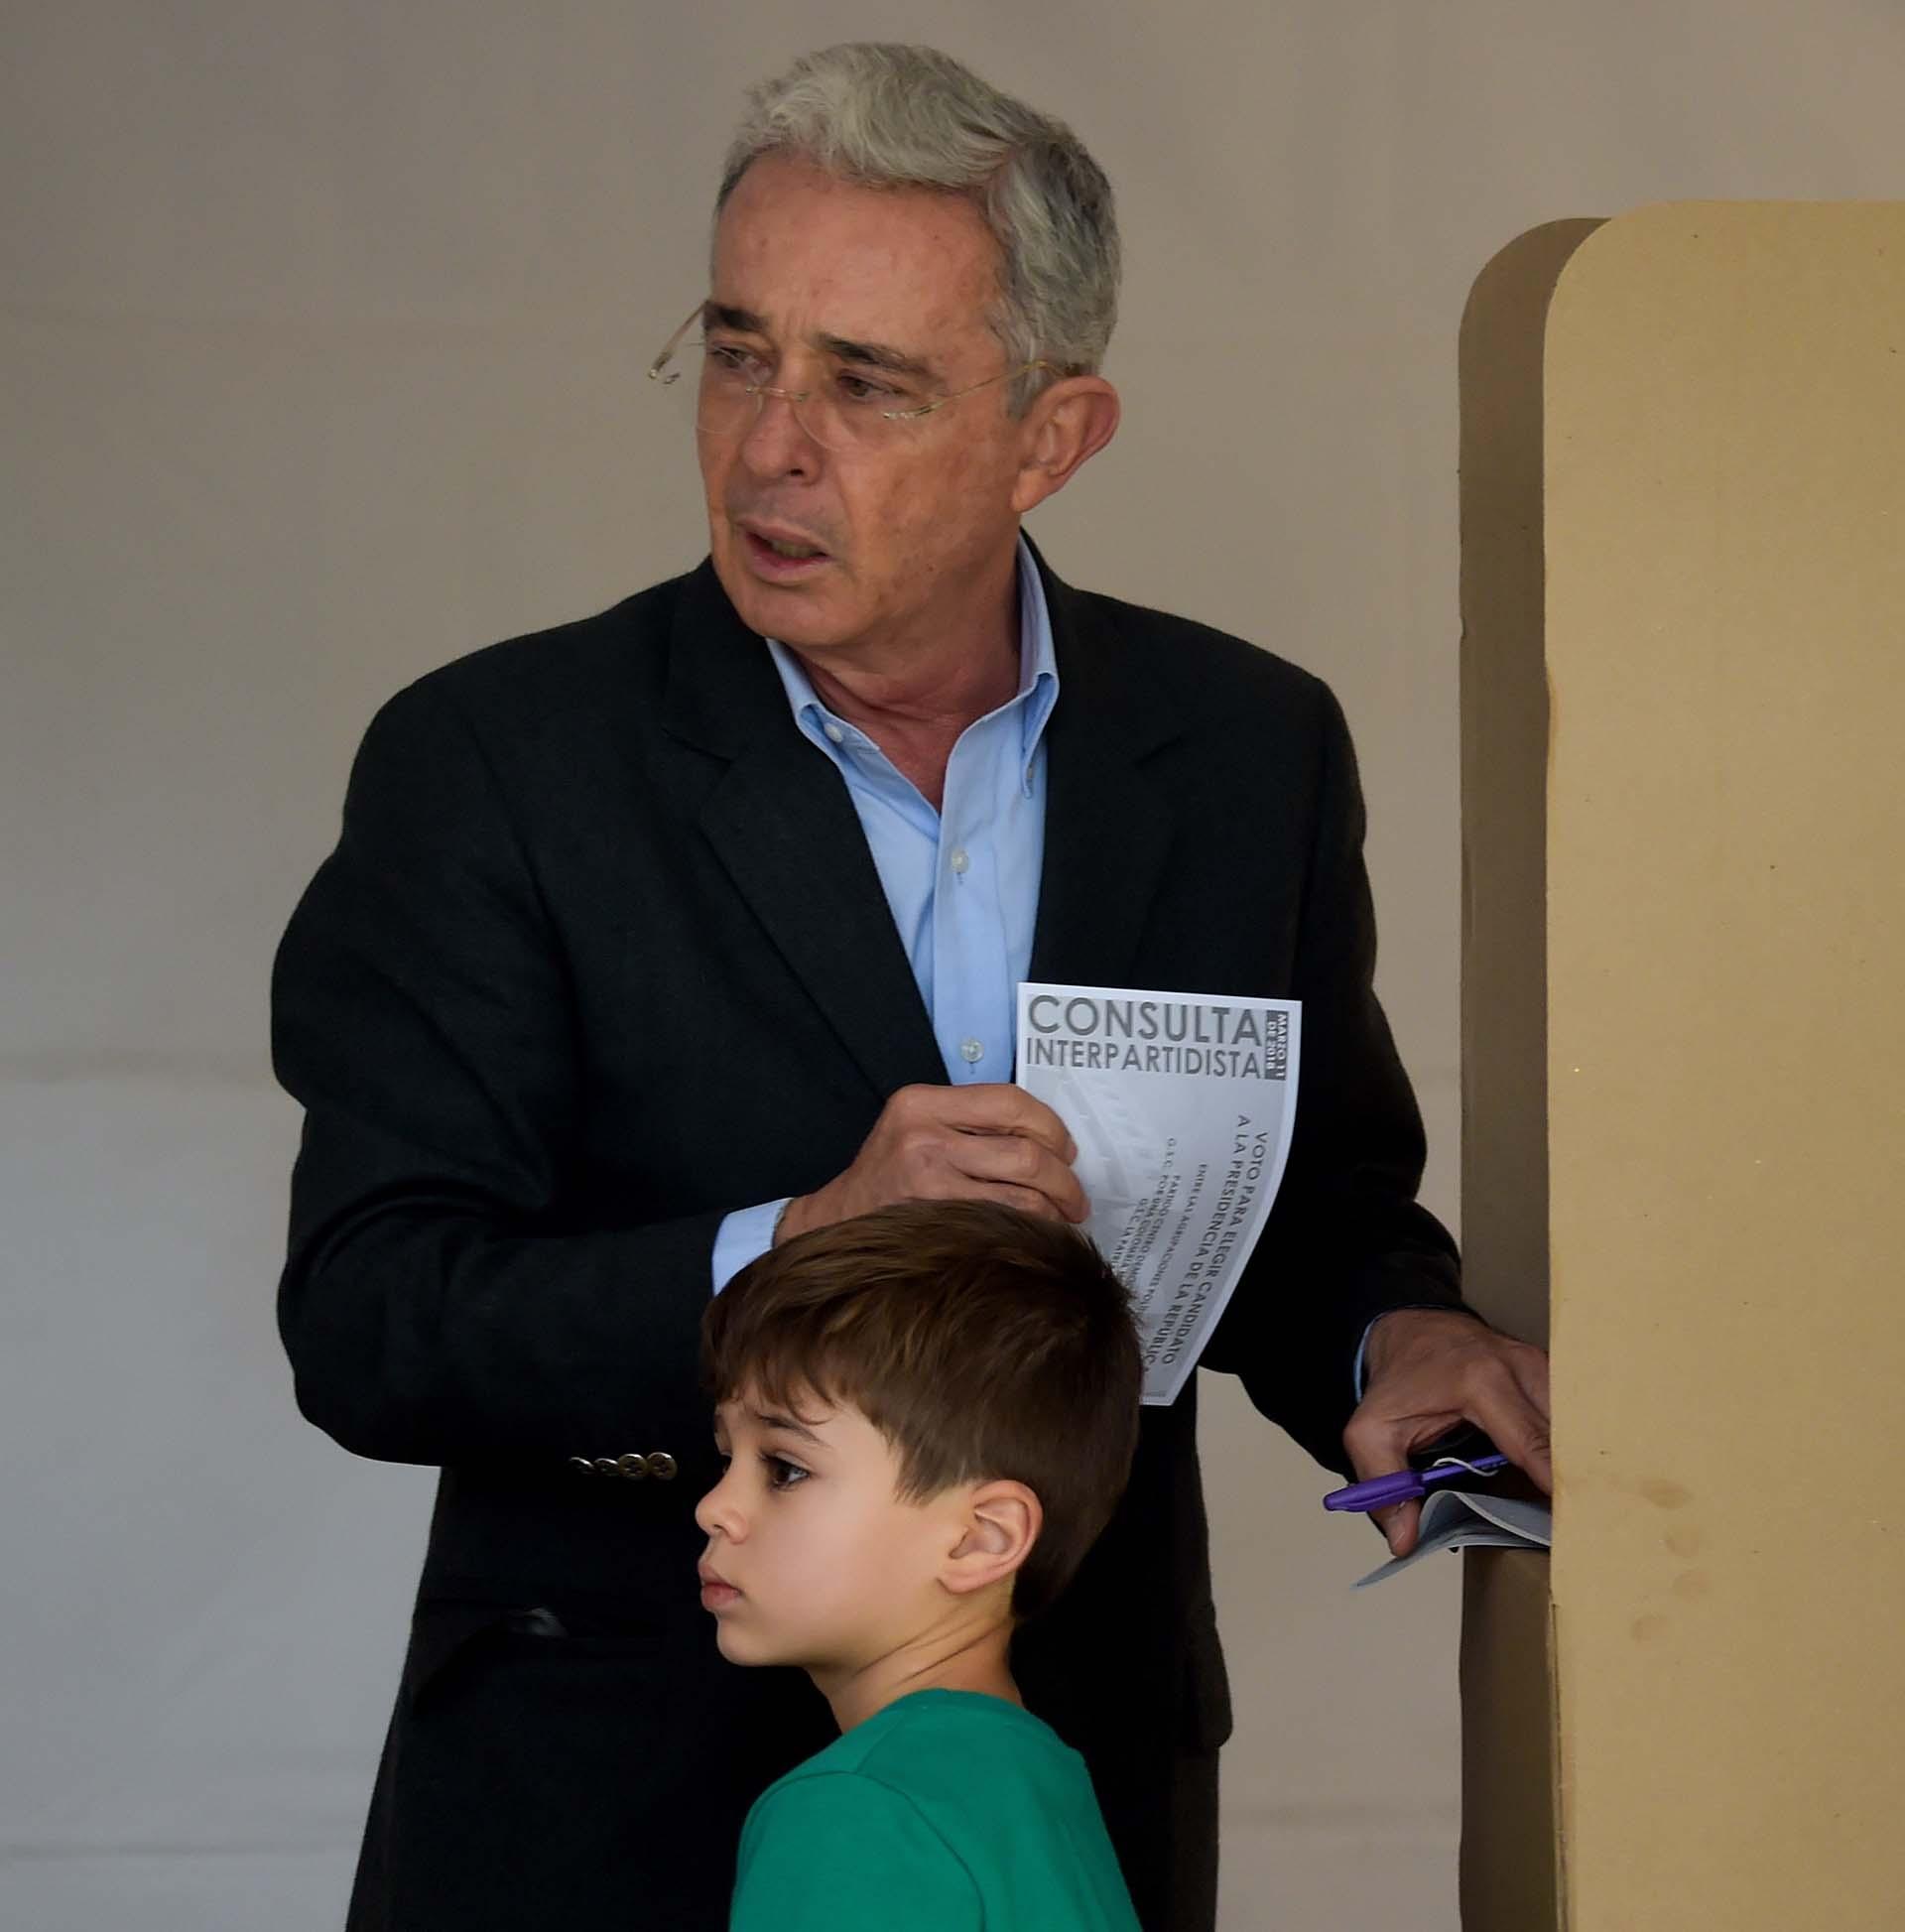 Uribe aseguró que aspira a una Colombia sin narcotráfico (AFP)